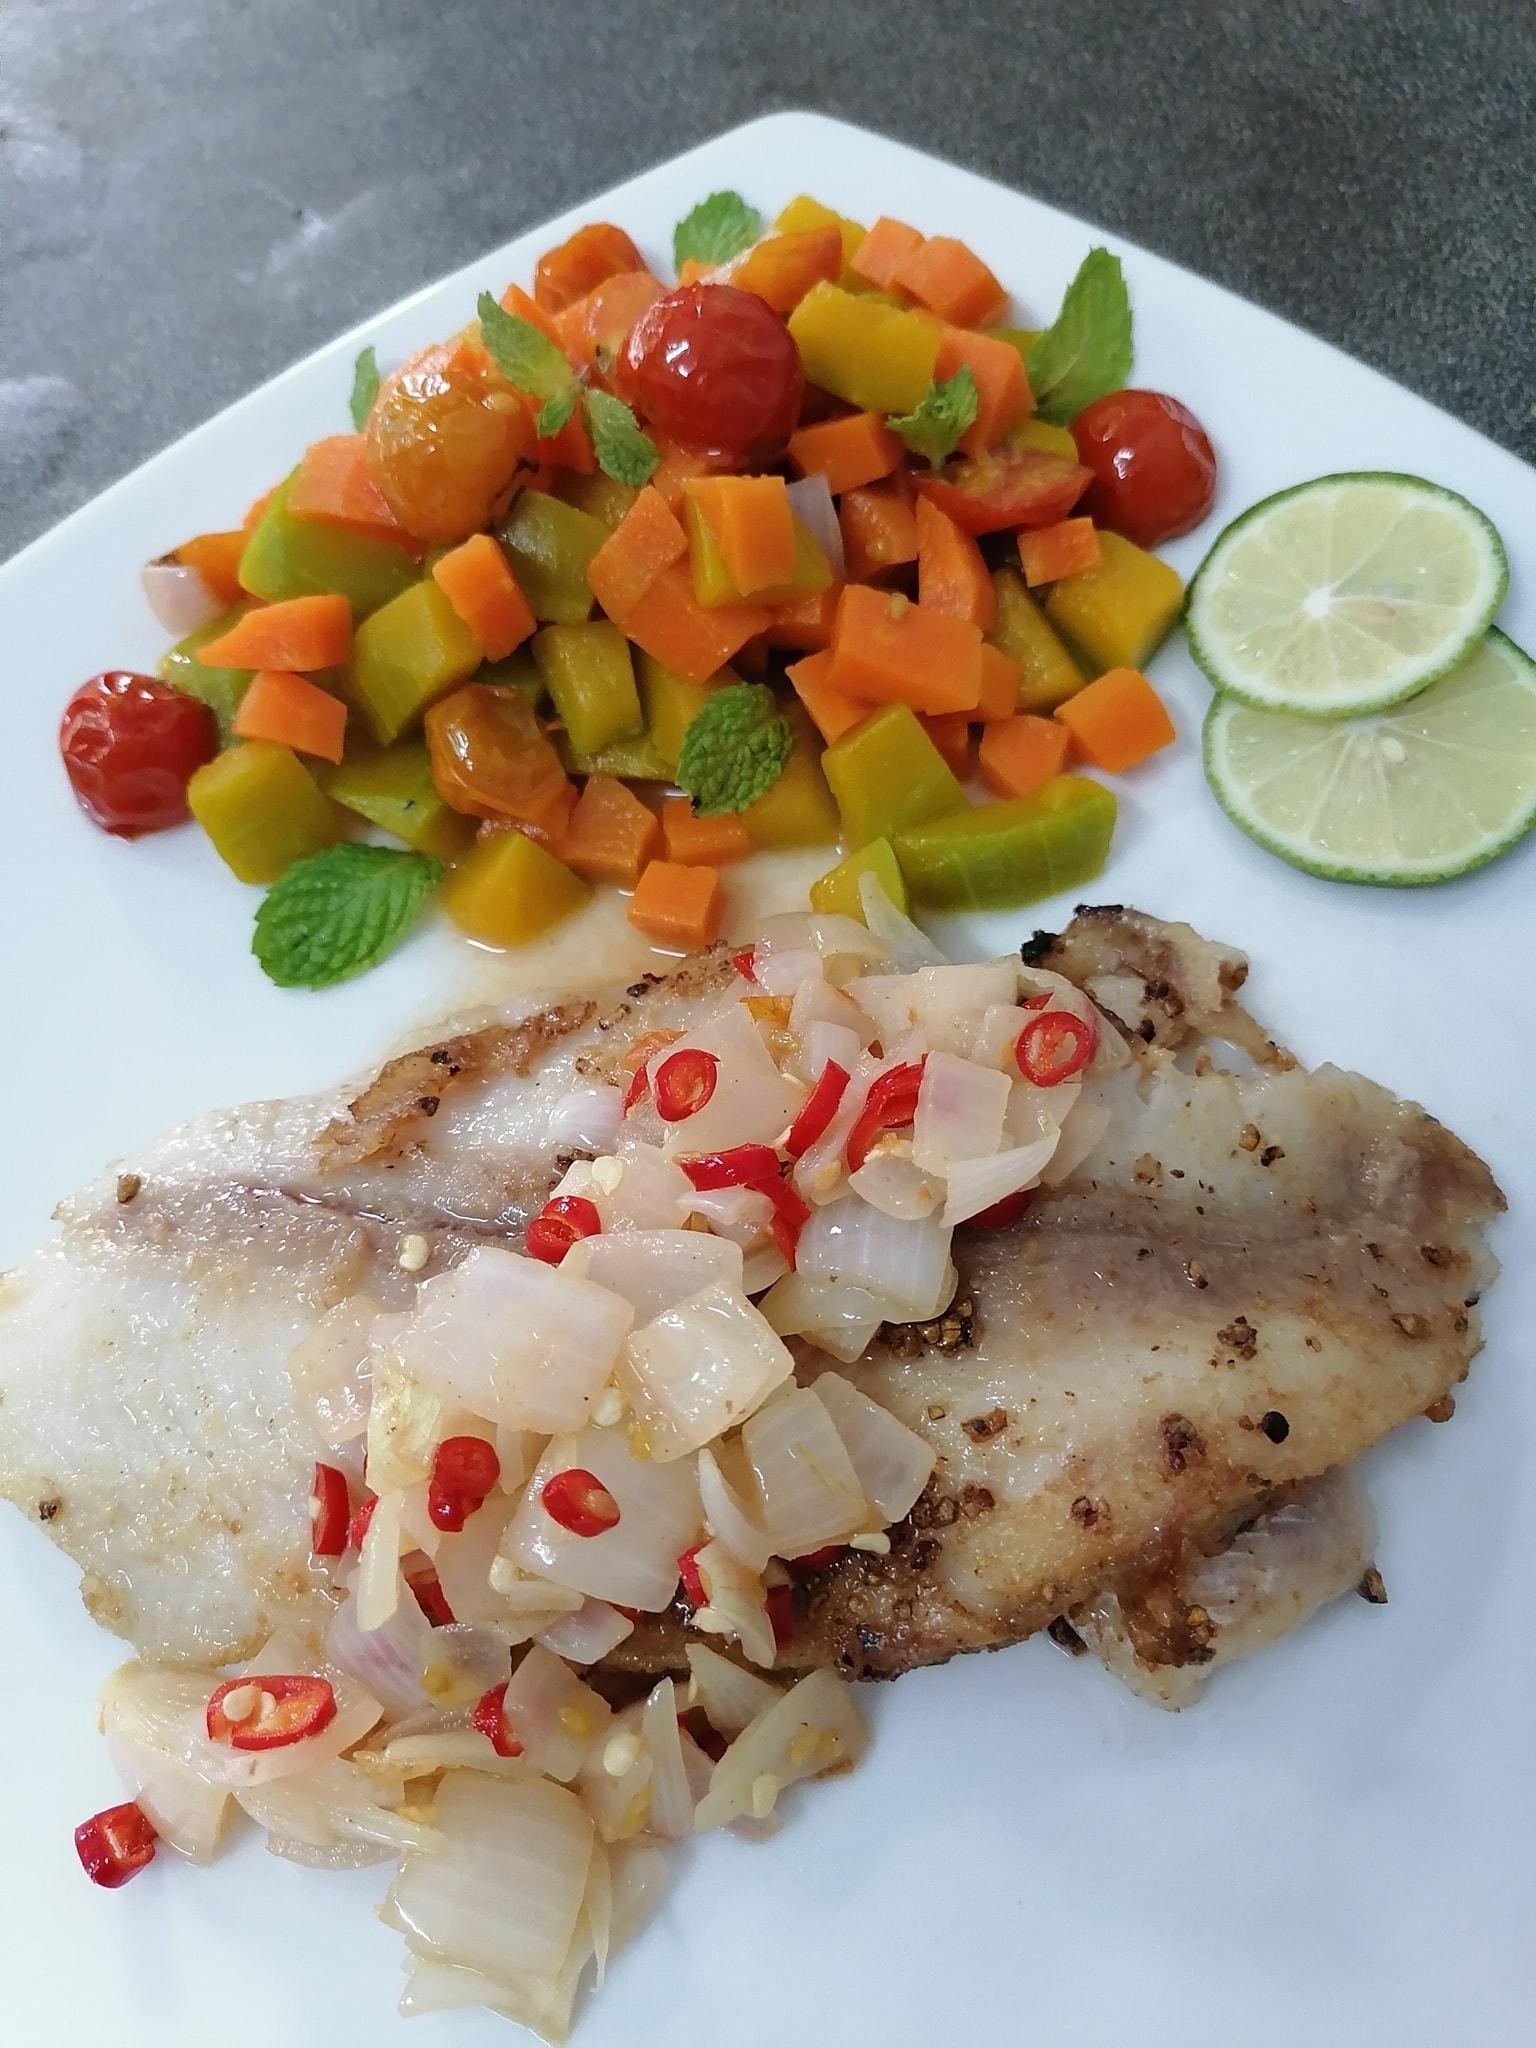 สเต็กปลาดอร์ลี่ไทย ๆ สูตรอาหาร วิธีทำ แม่บ้าน